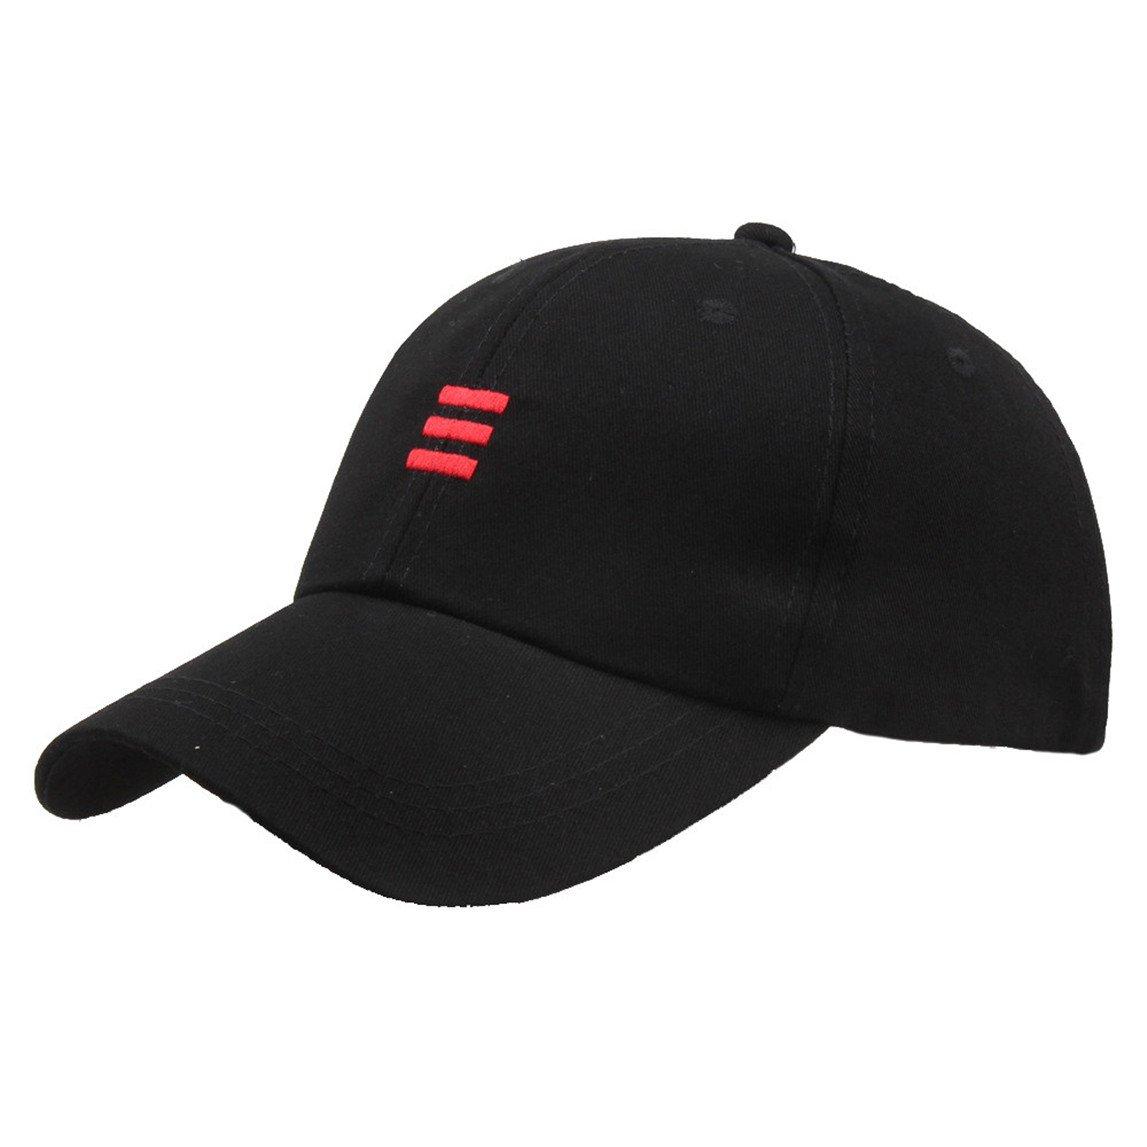 野球キャップスポーツ帽子メンズ、レディース、クールヒップホップ調節可能なトップ品質 Free ブラック Free ブラック B079JS9DVY